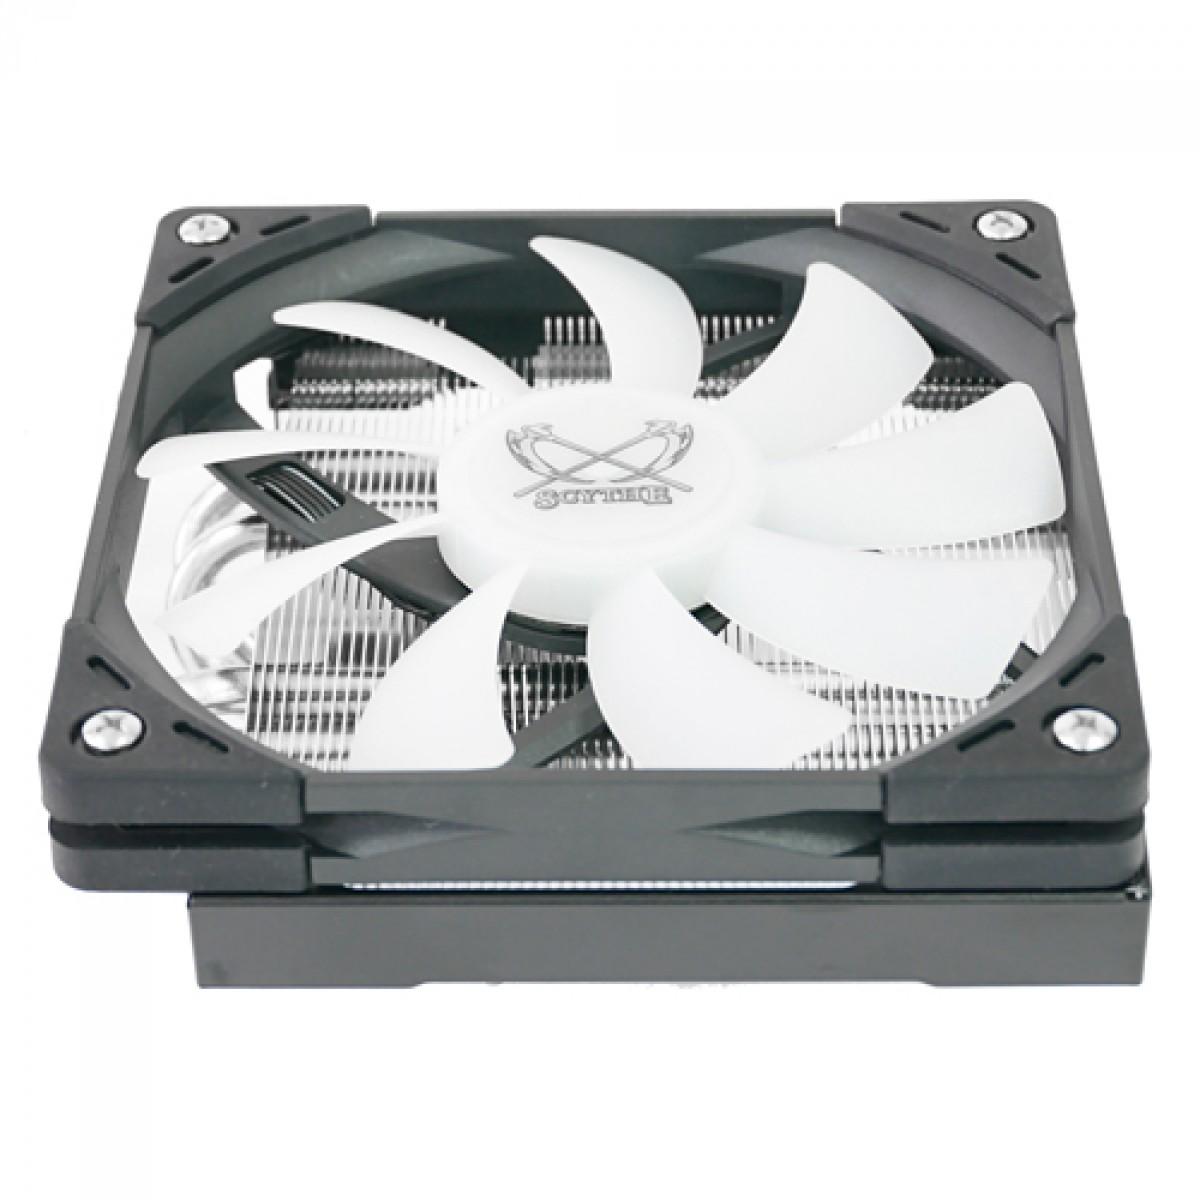 Cooler para Processador Scythe, Big Shuriken 3, RGB, 120mm, Intel-AMD